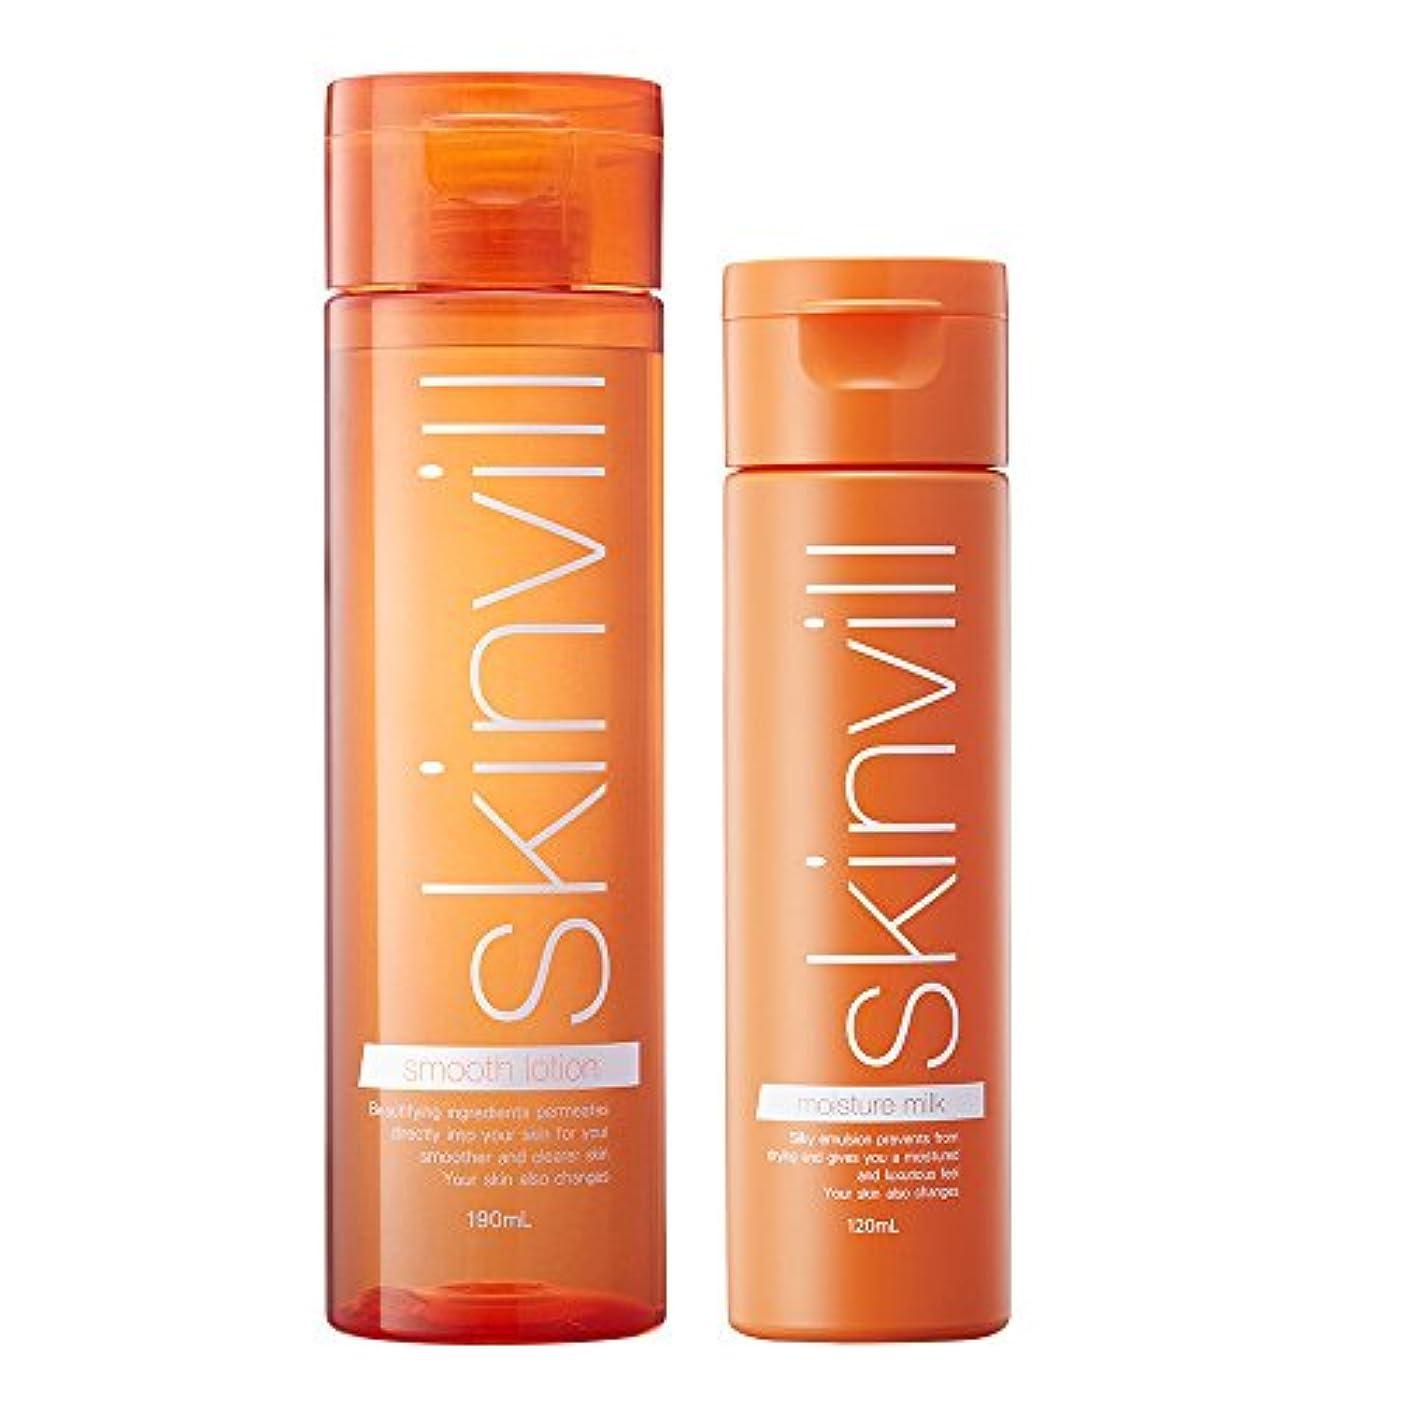 魅力的反応するいらいらさせる【セット】 skinvill スキンビル スムースローション 化粧水 190ml & モイスチャーミルク 乳液 120ml